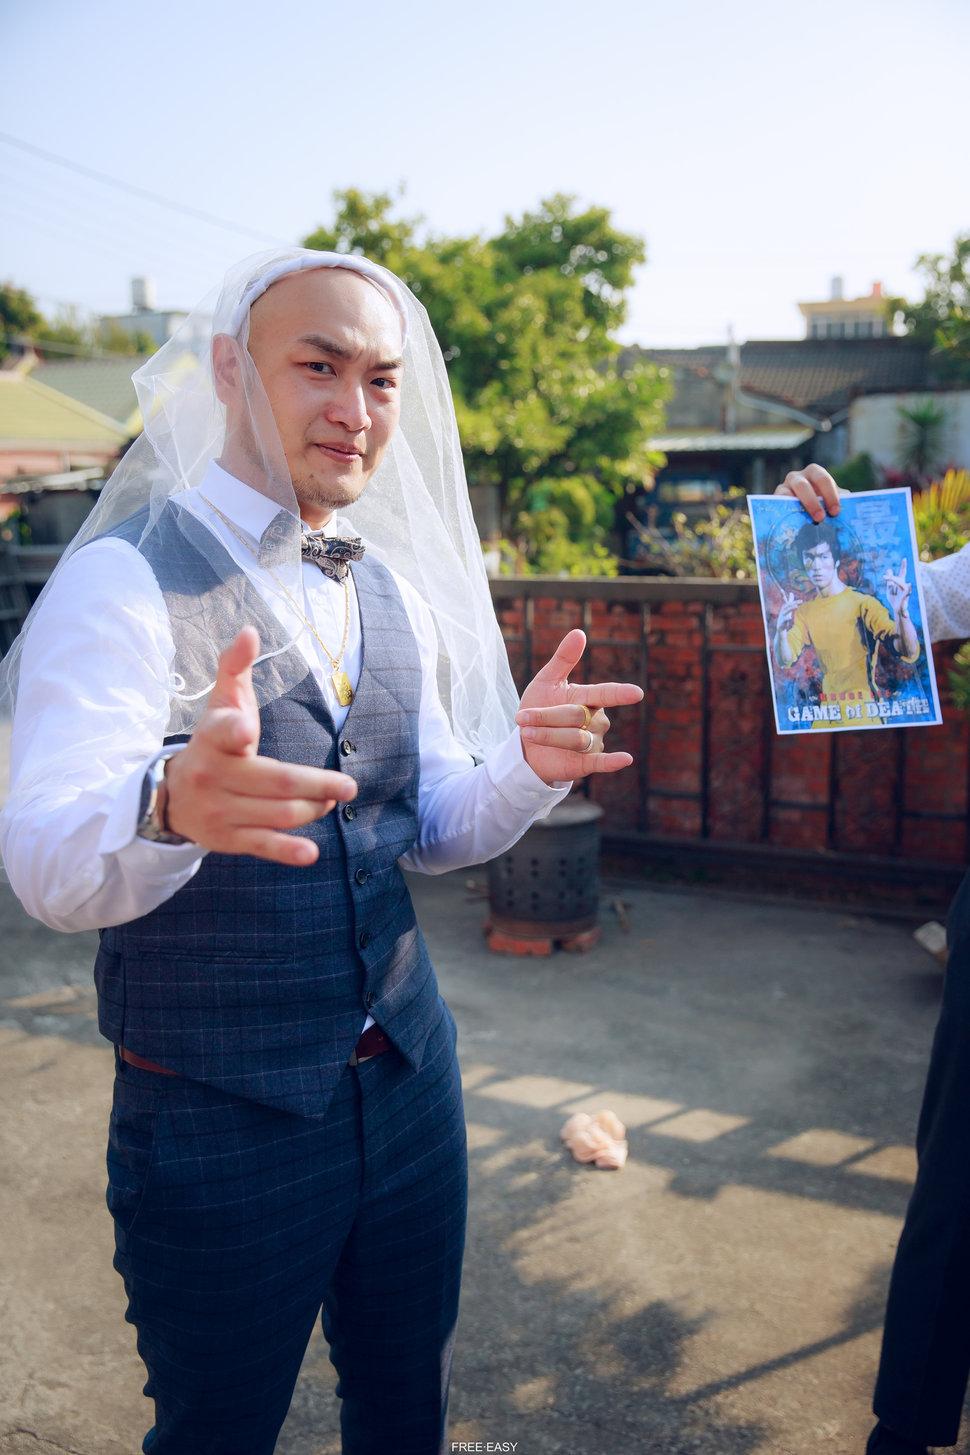 修明&姿瑄 我們結婚了-24 - 自由自在《結婚吧》